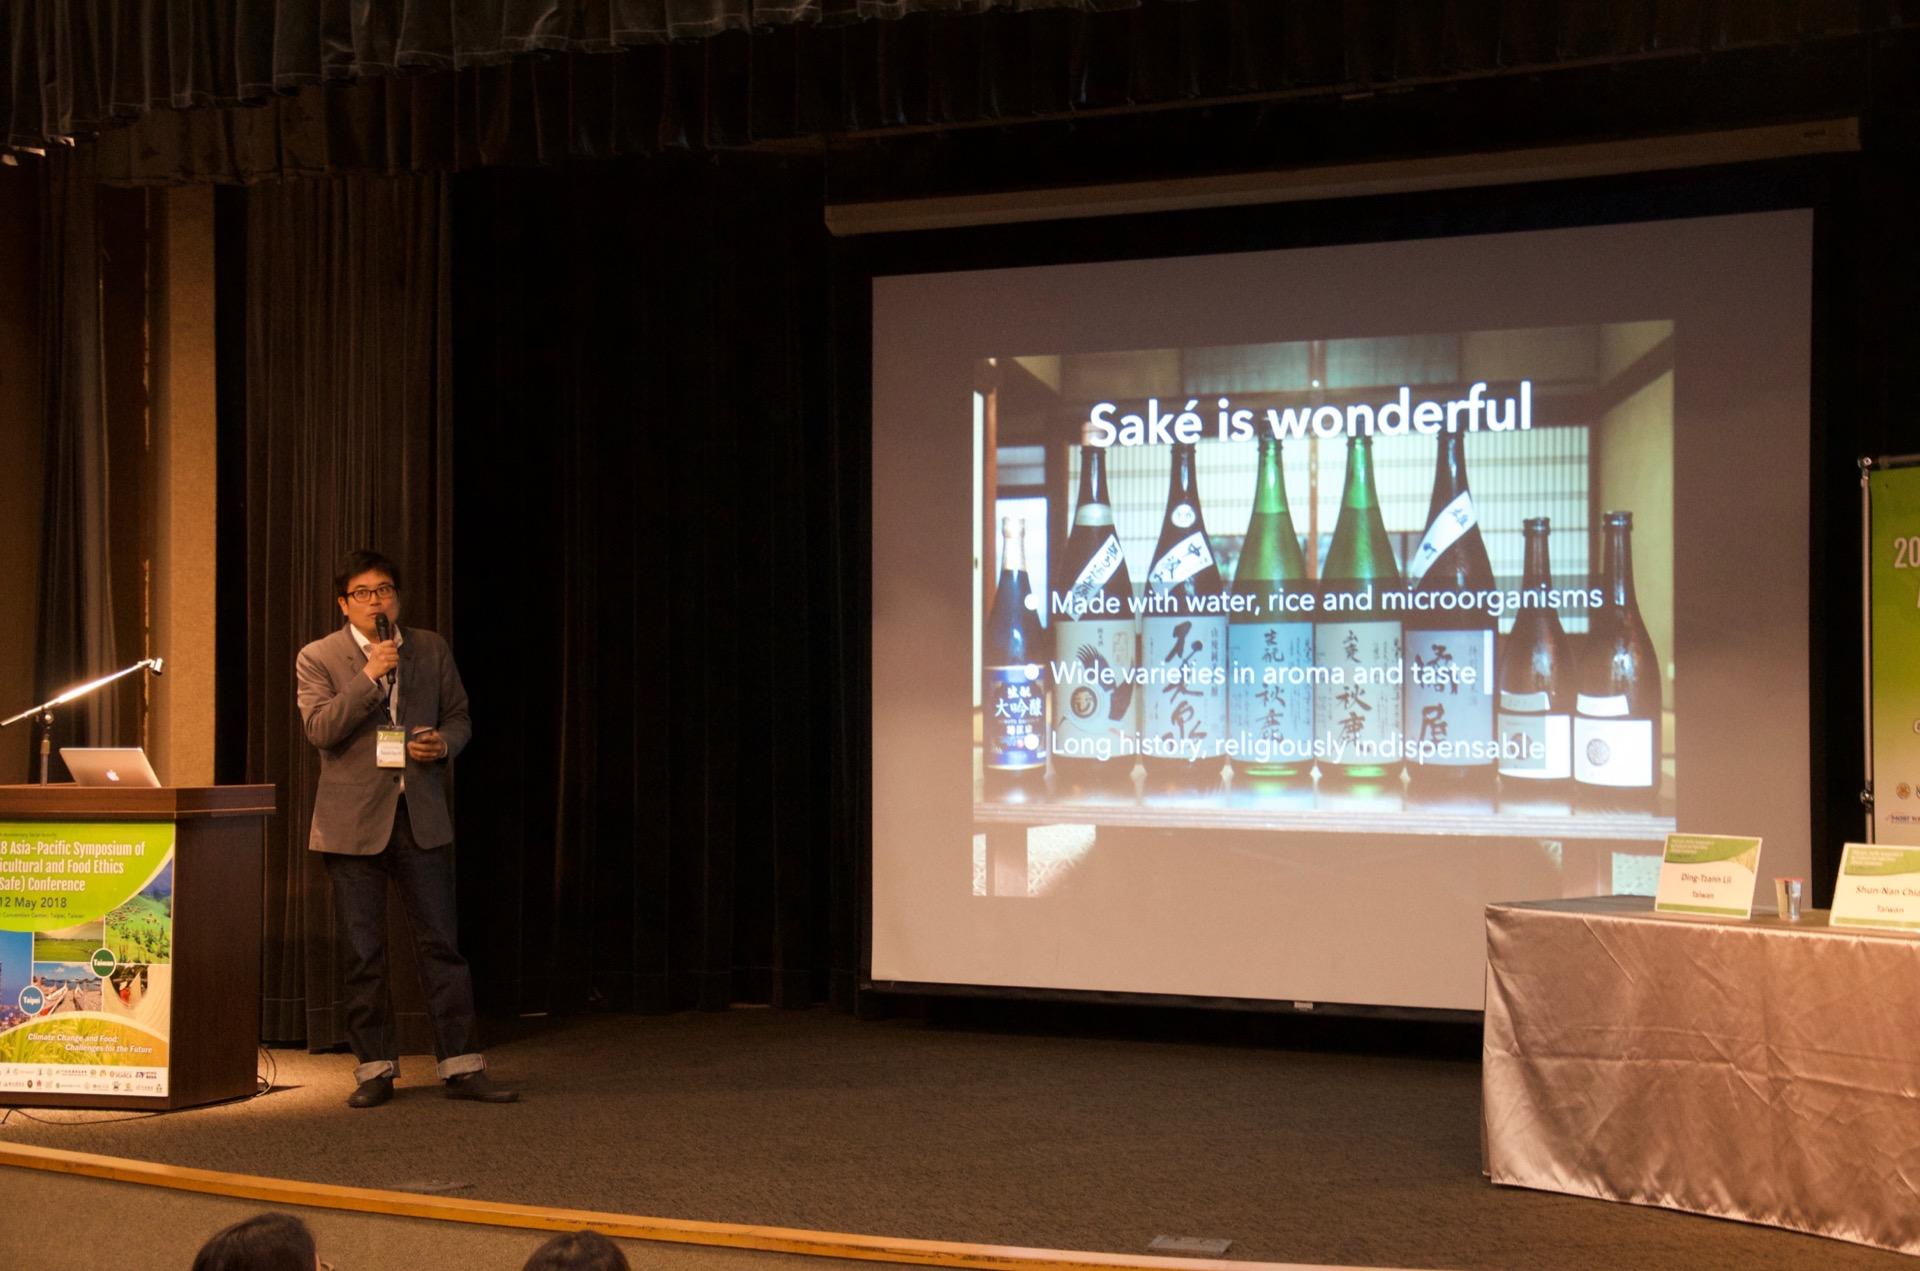 台湾大学で日本酒の地域性について発表をいたしました